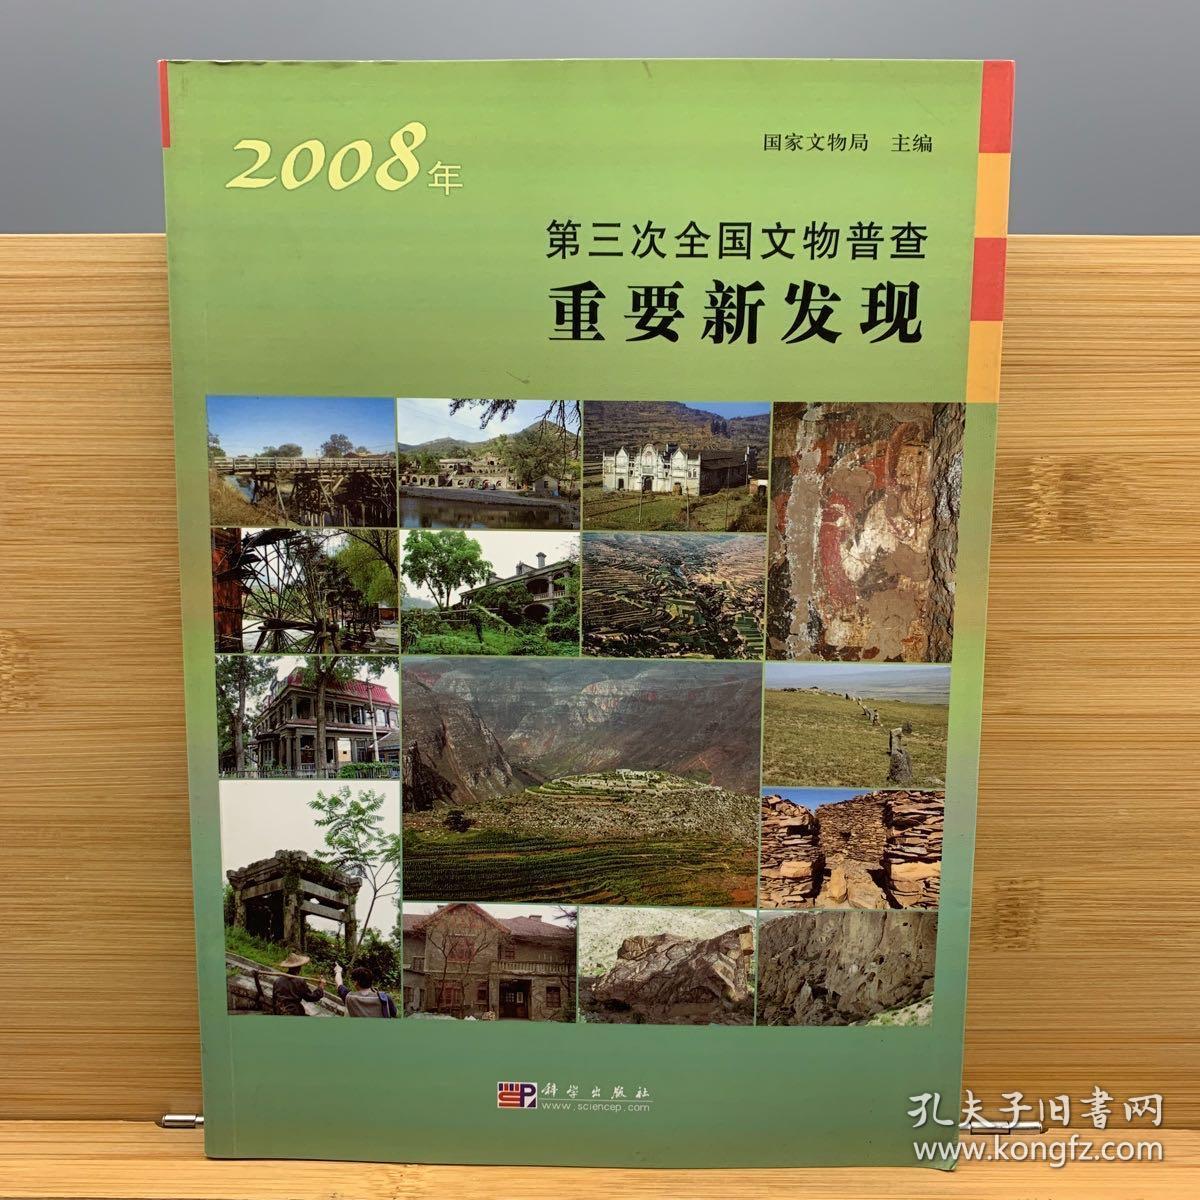 2008年第三次全国文物普查重要新发现